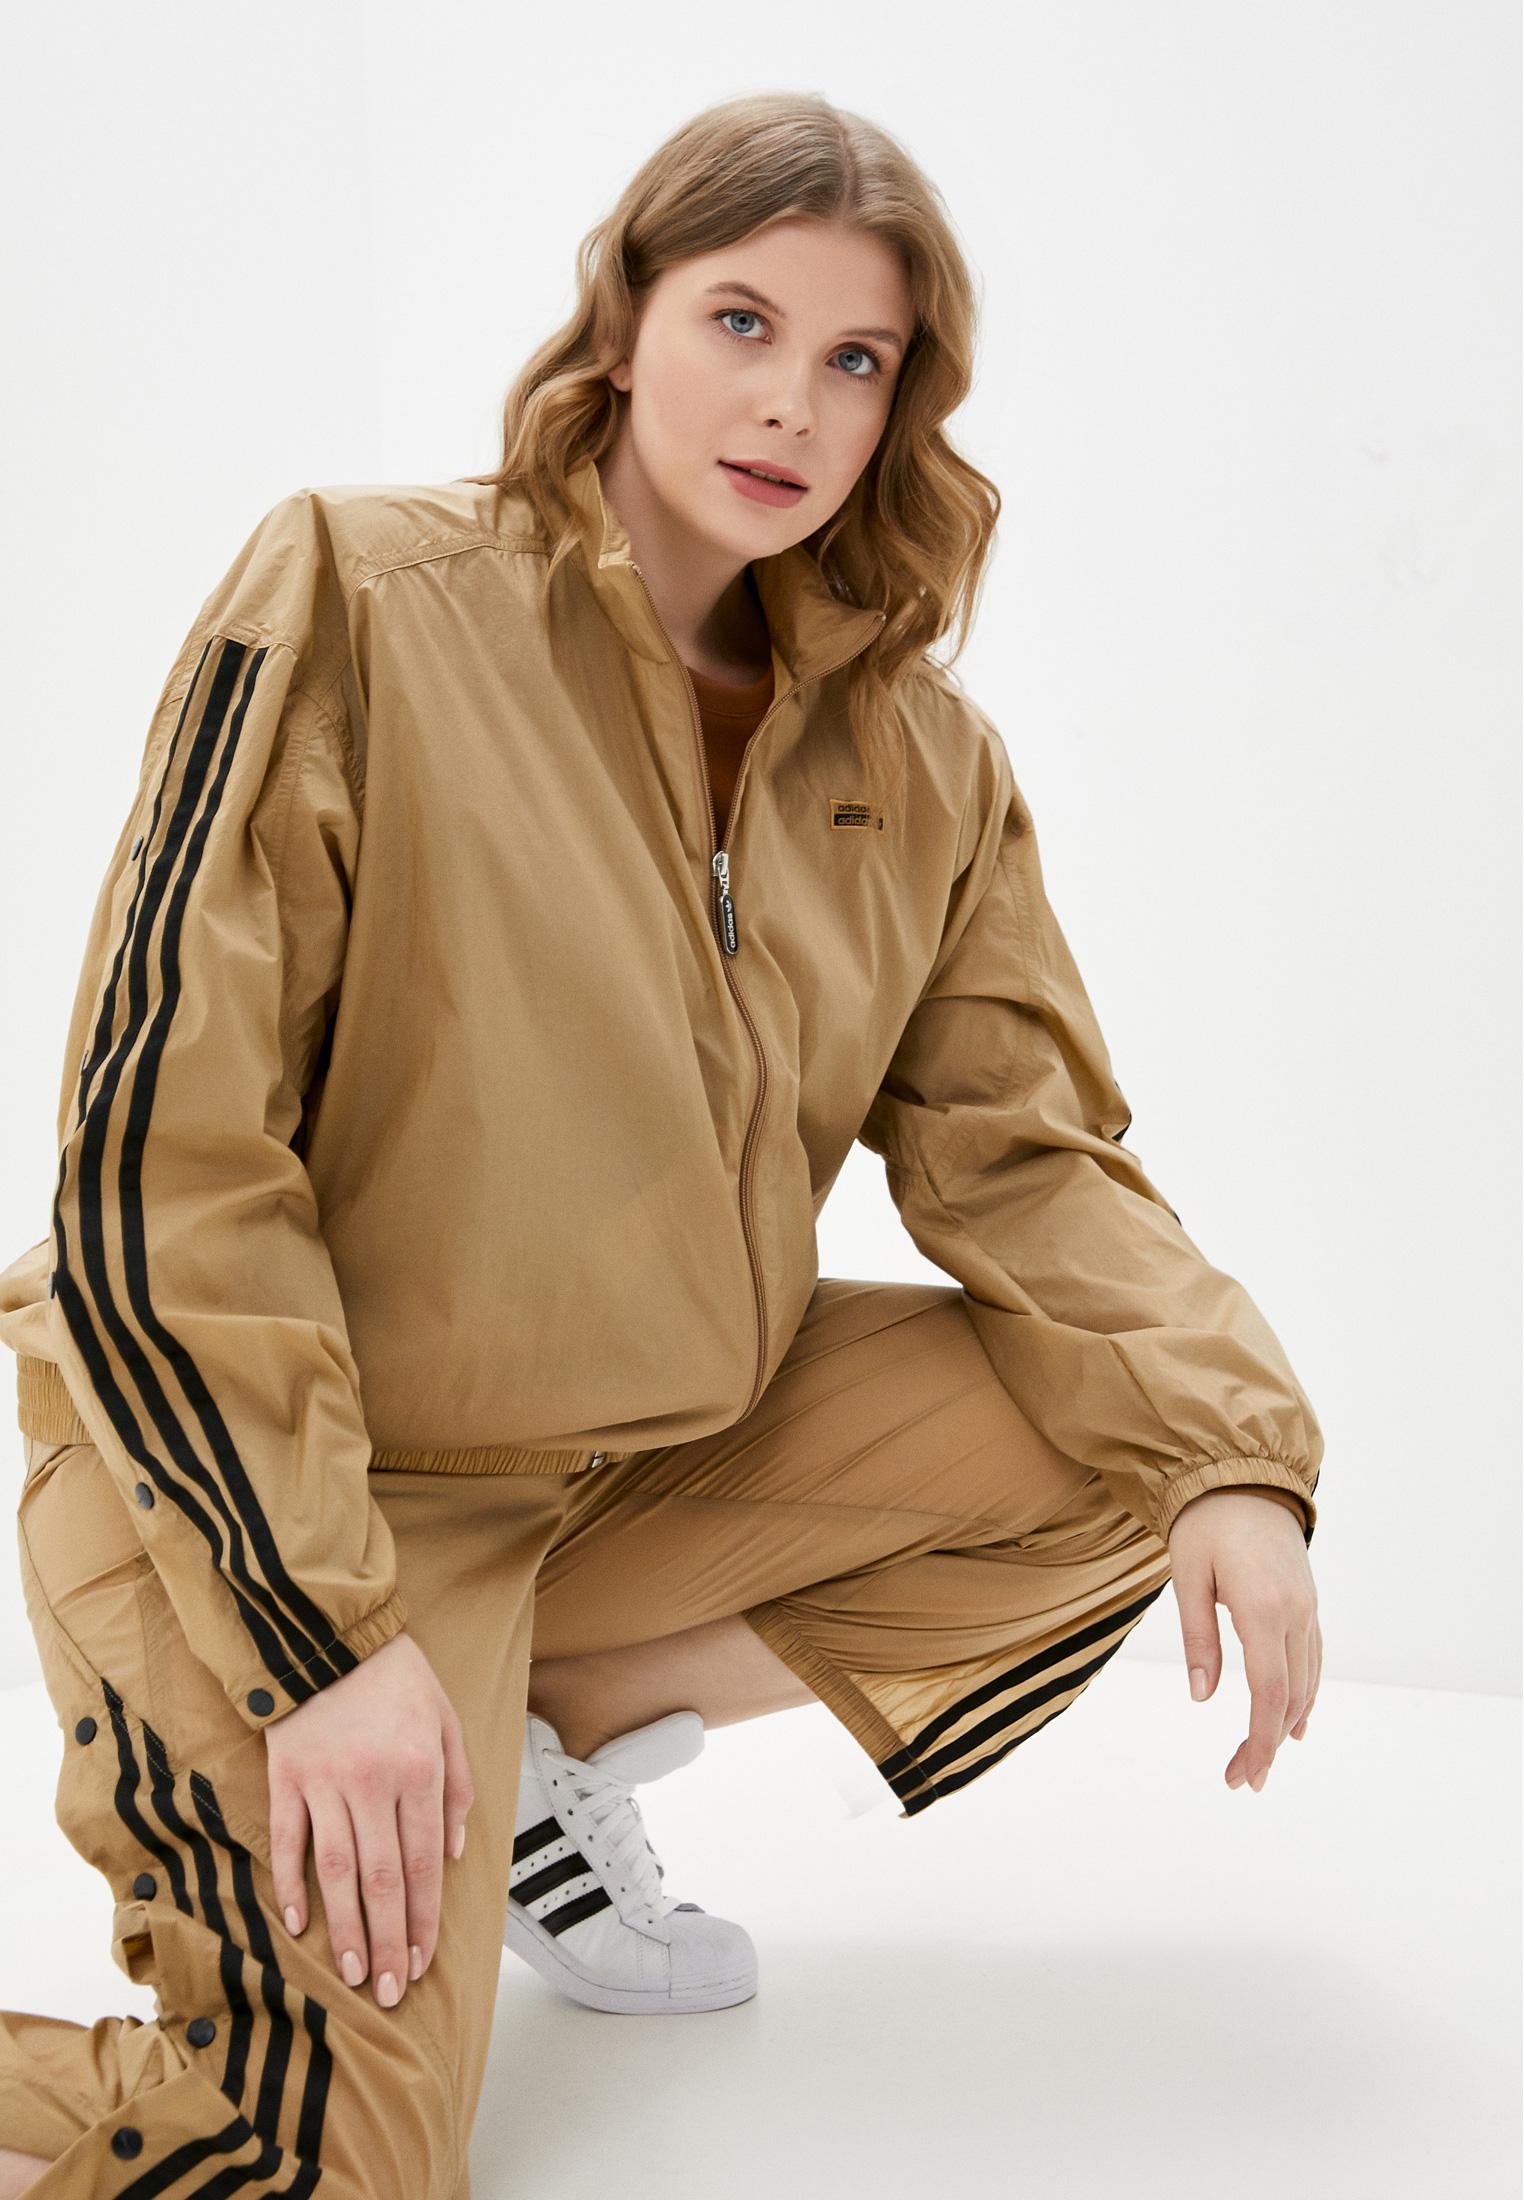 Ветровка Adidas Originals (Адидас Ориджиналс) Ветровка adidas Originals